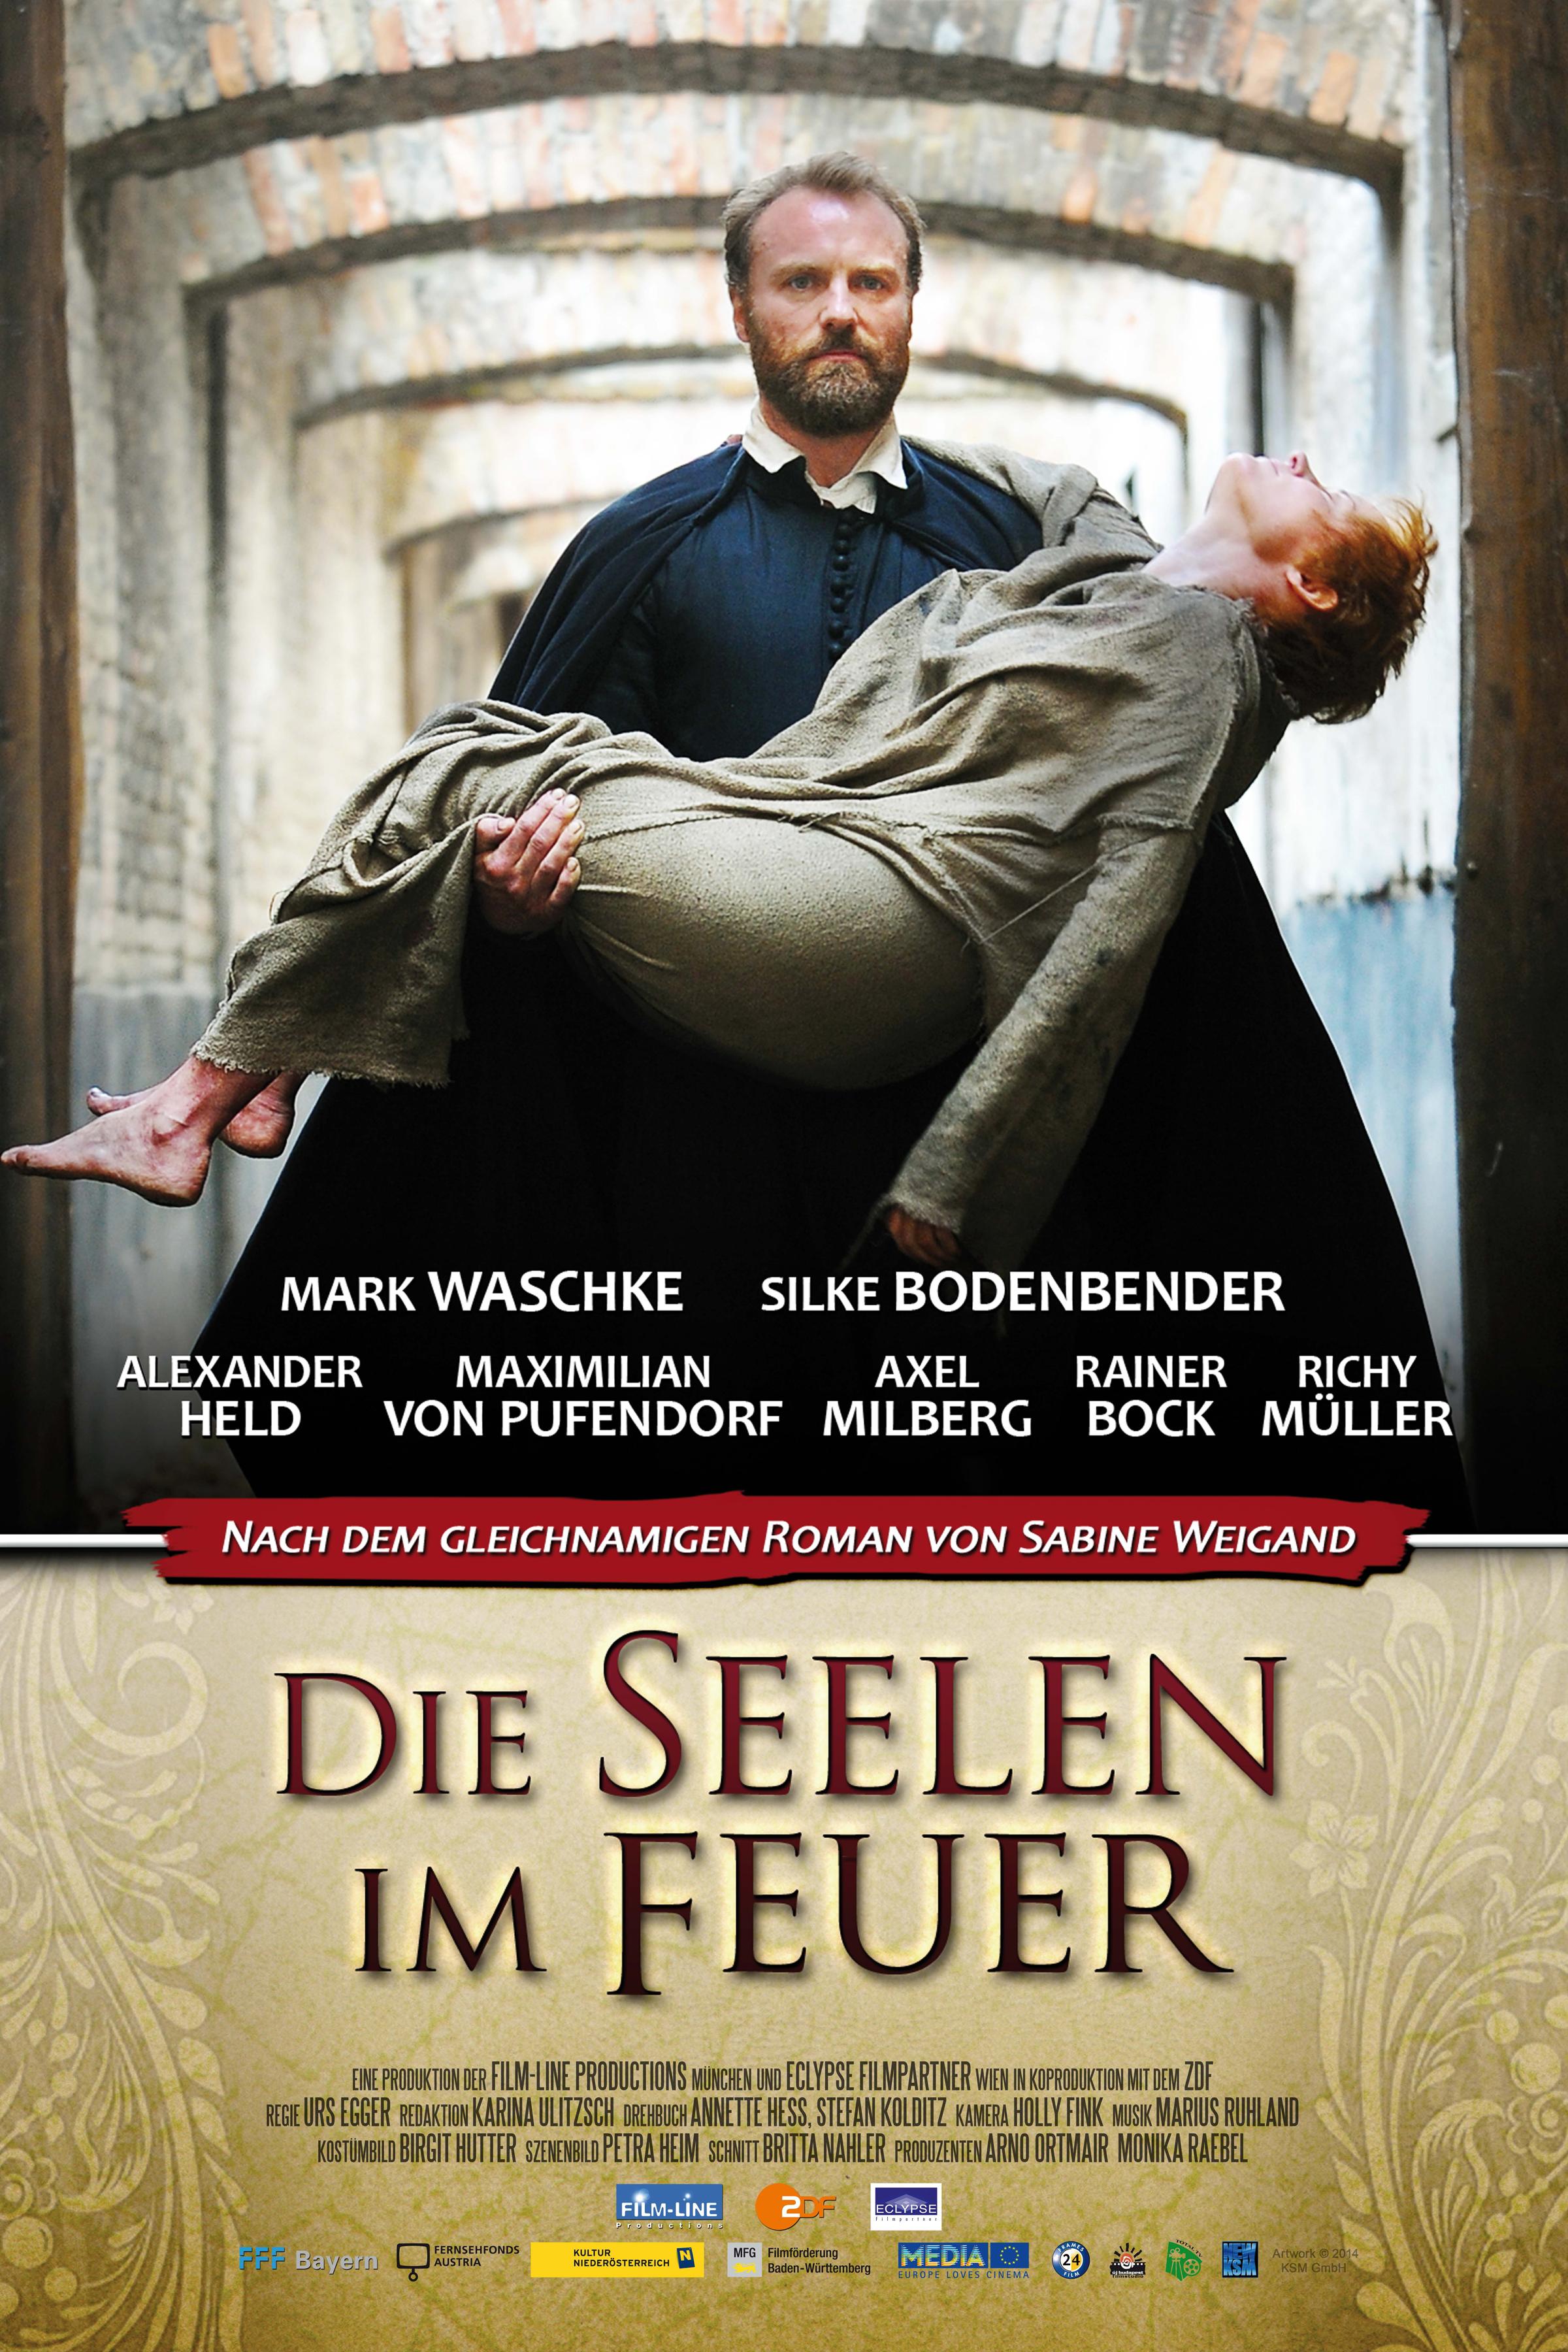 2014_Die_Seelen_im_Feuer_Film-Line_Productions.jpg